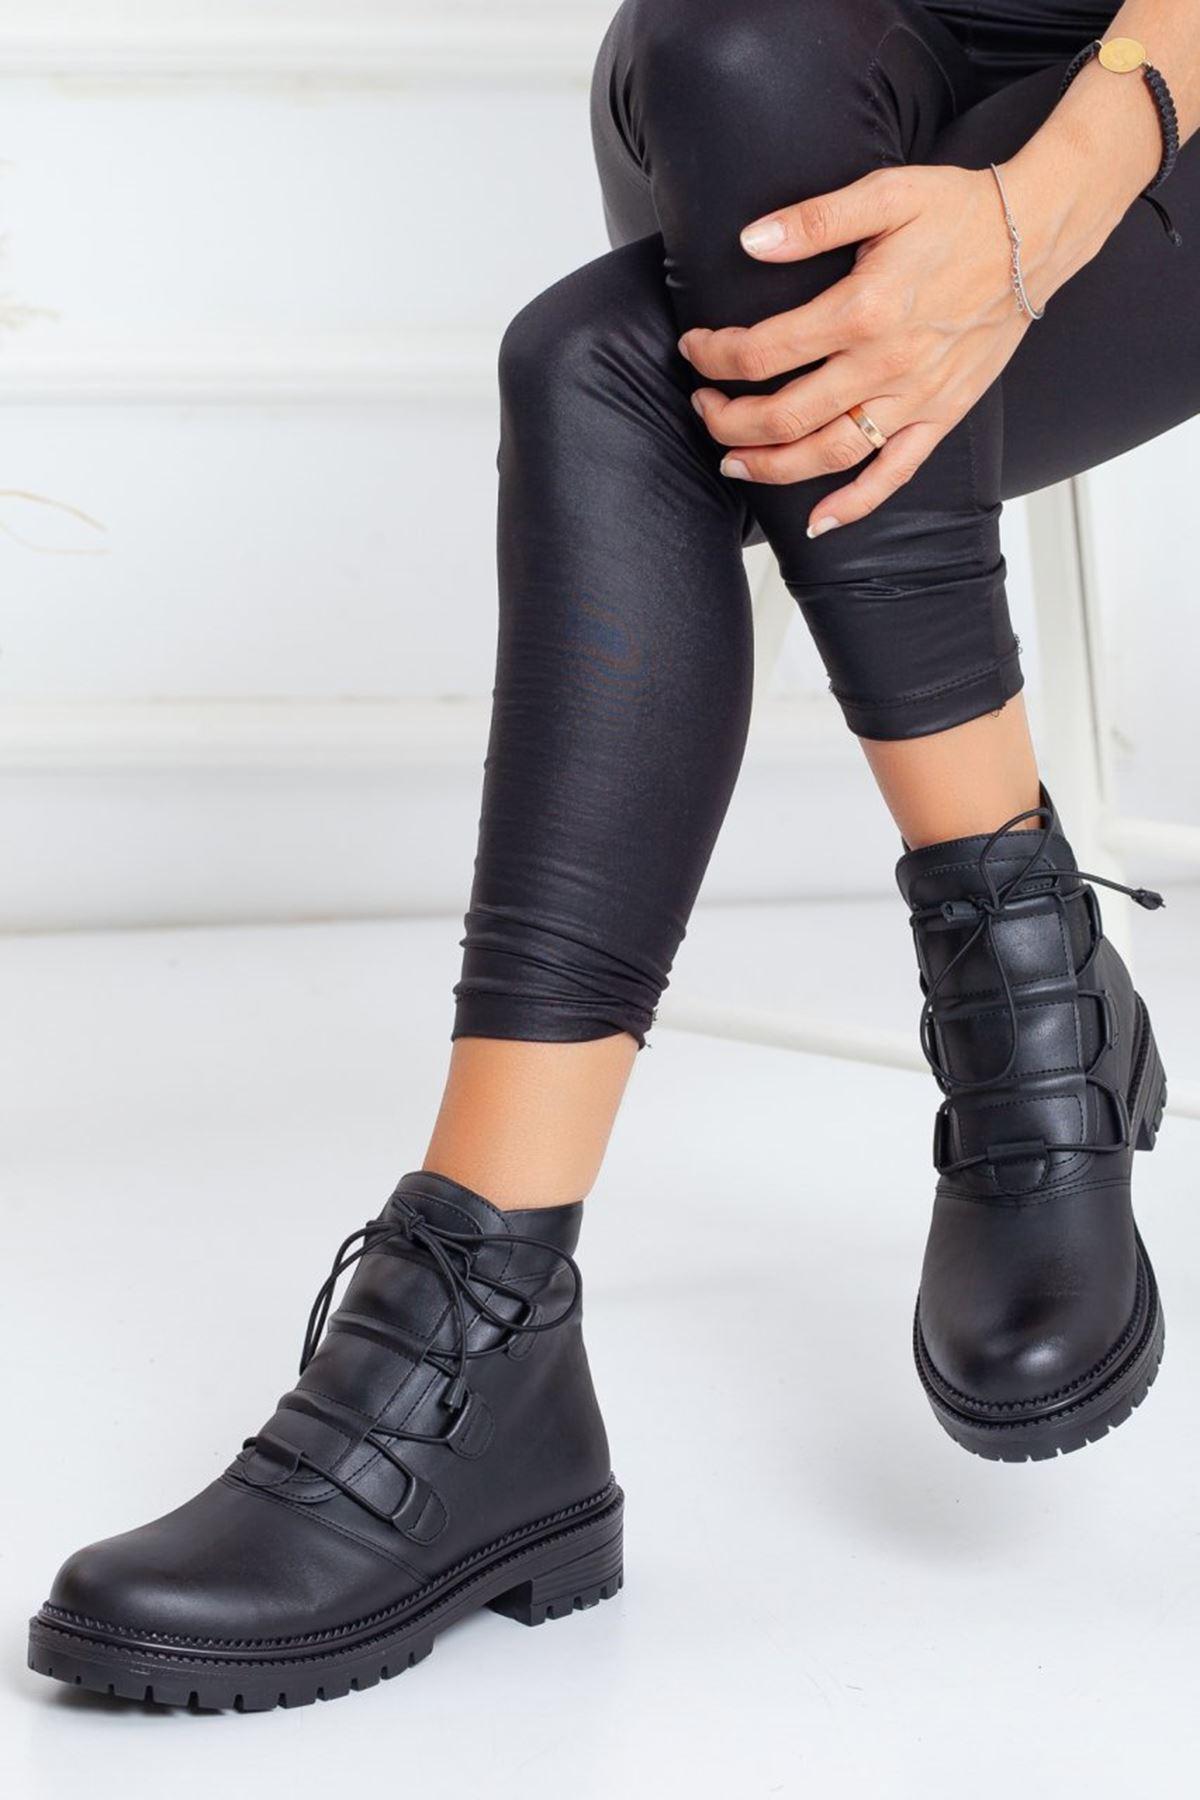 Kadın Deny Lastik Bağcıklı Tırtıklı Taban Mat Deri Siyah Bot